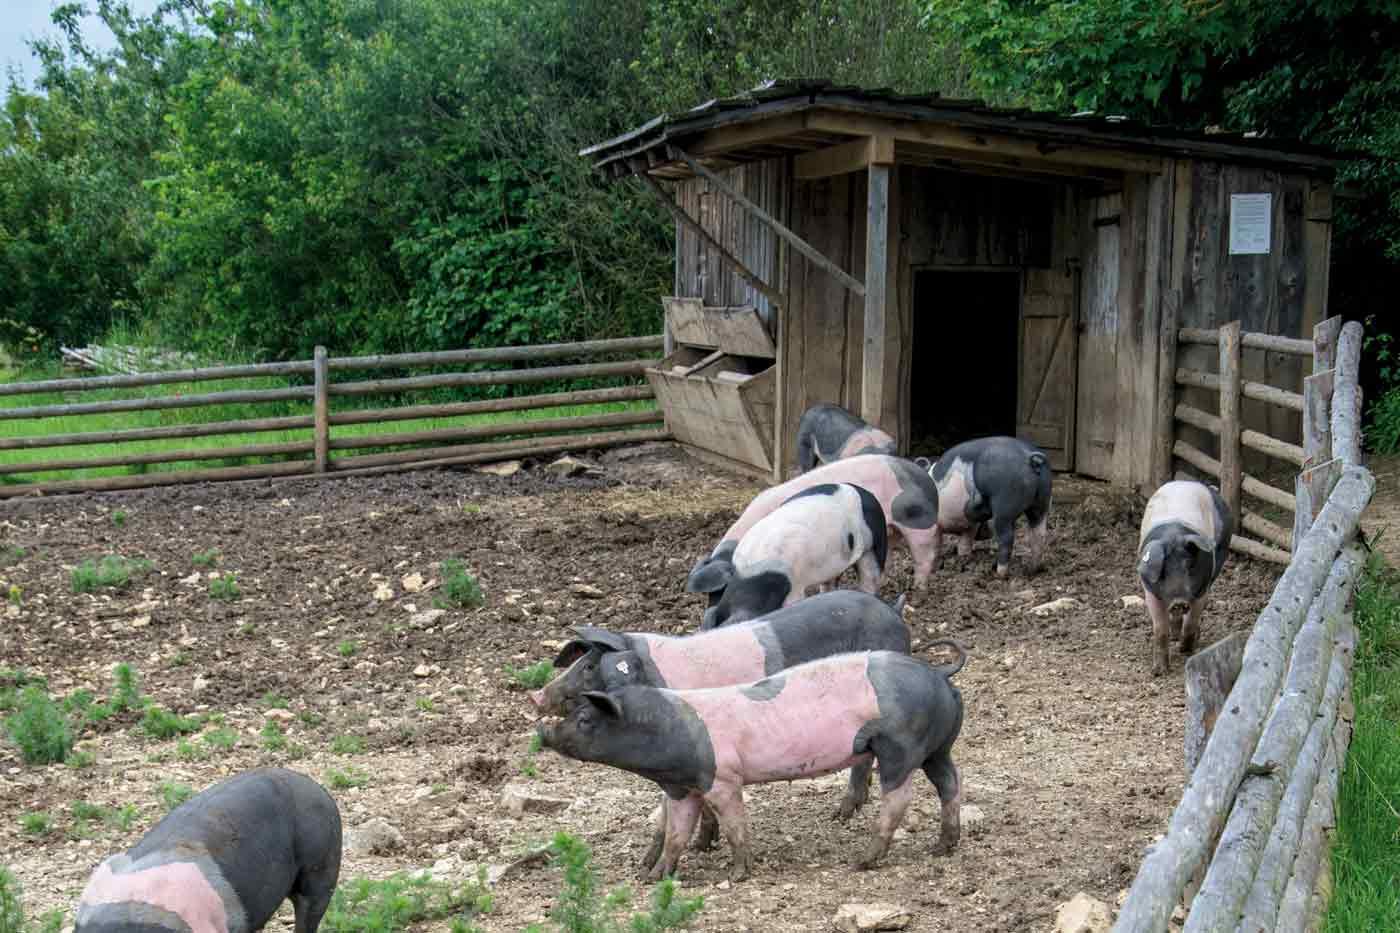 Schweine in umzäunter Weide